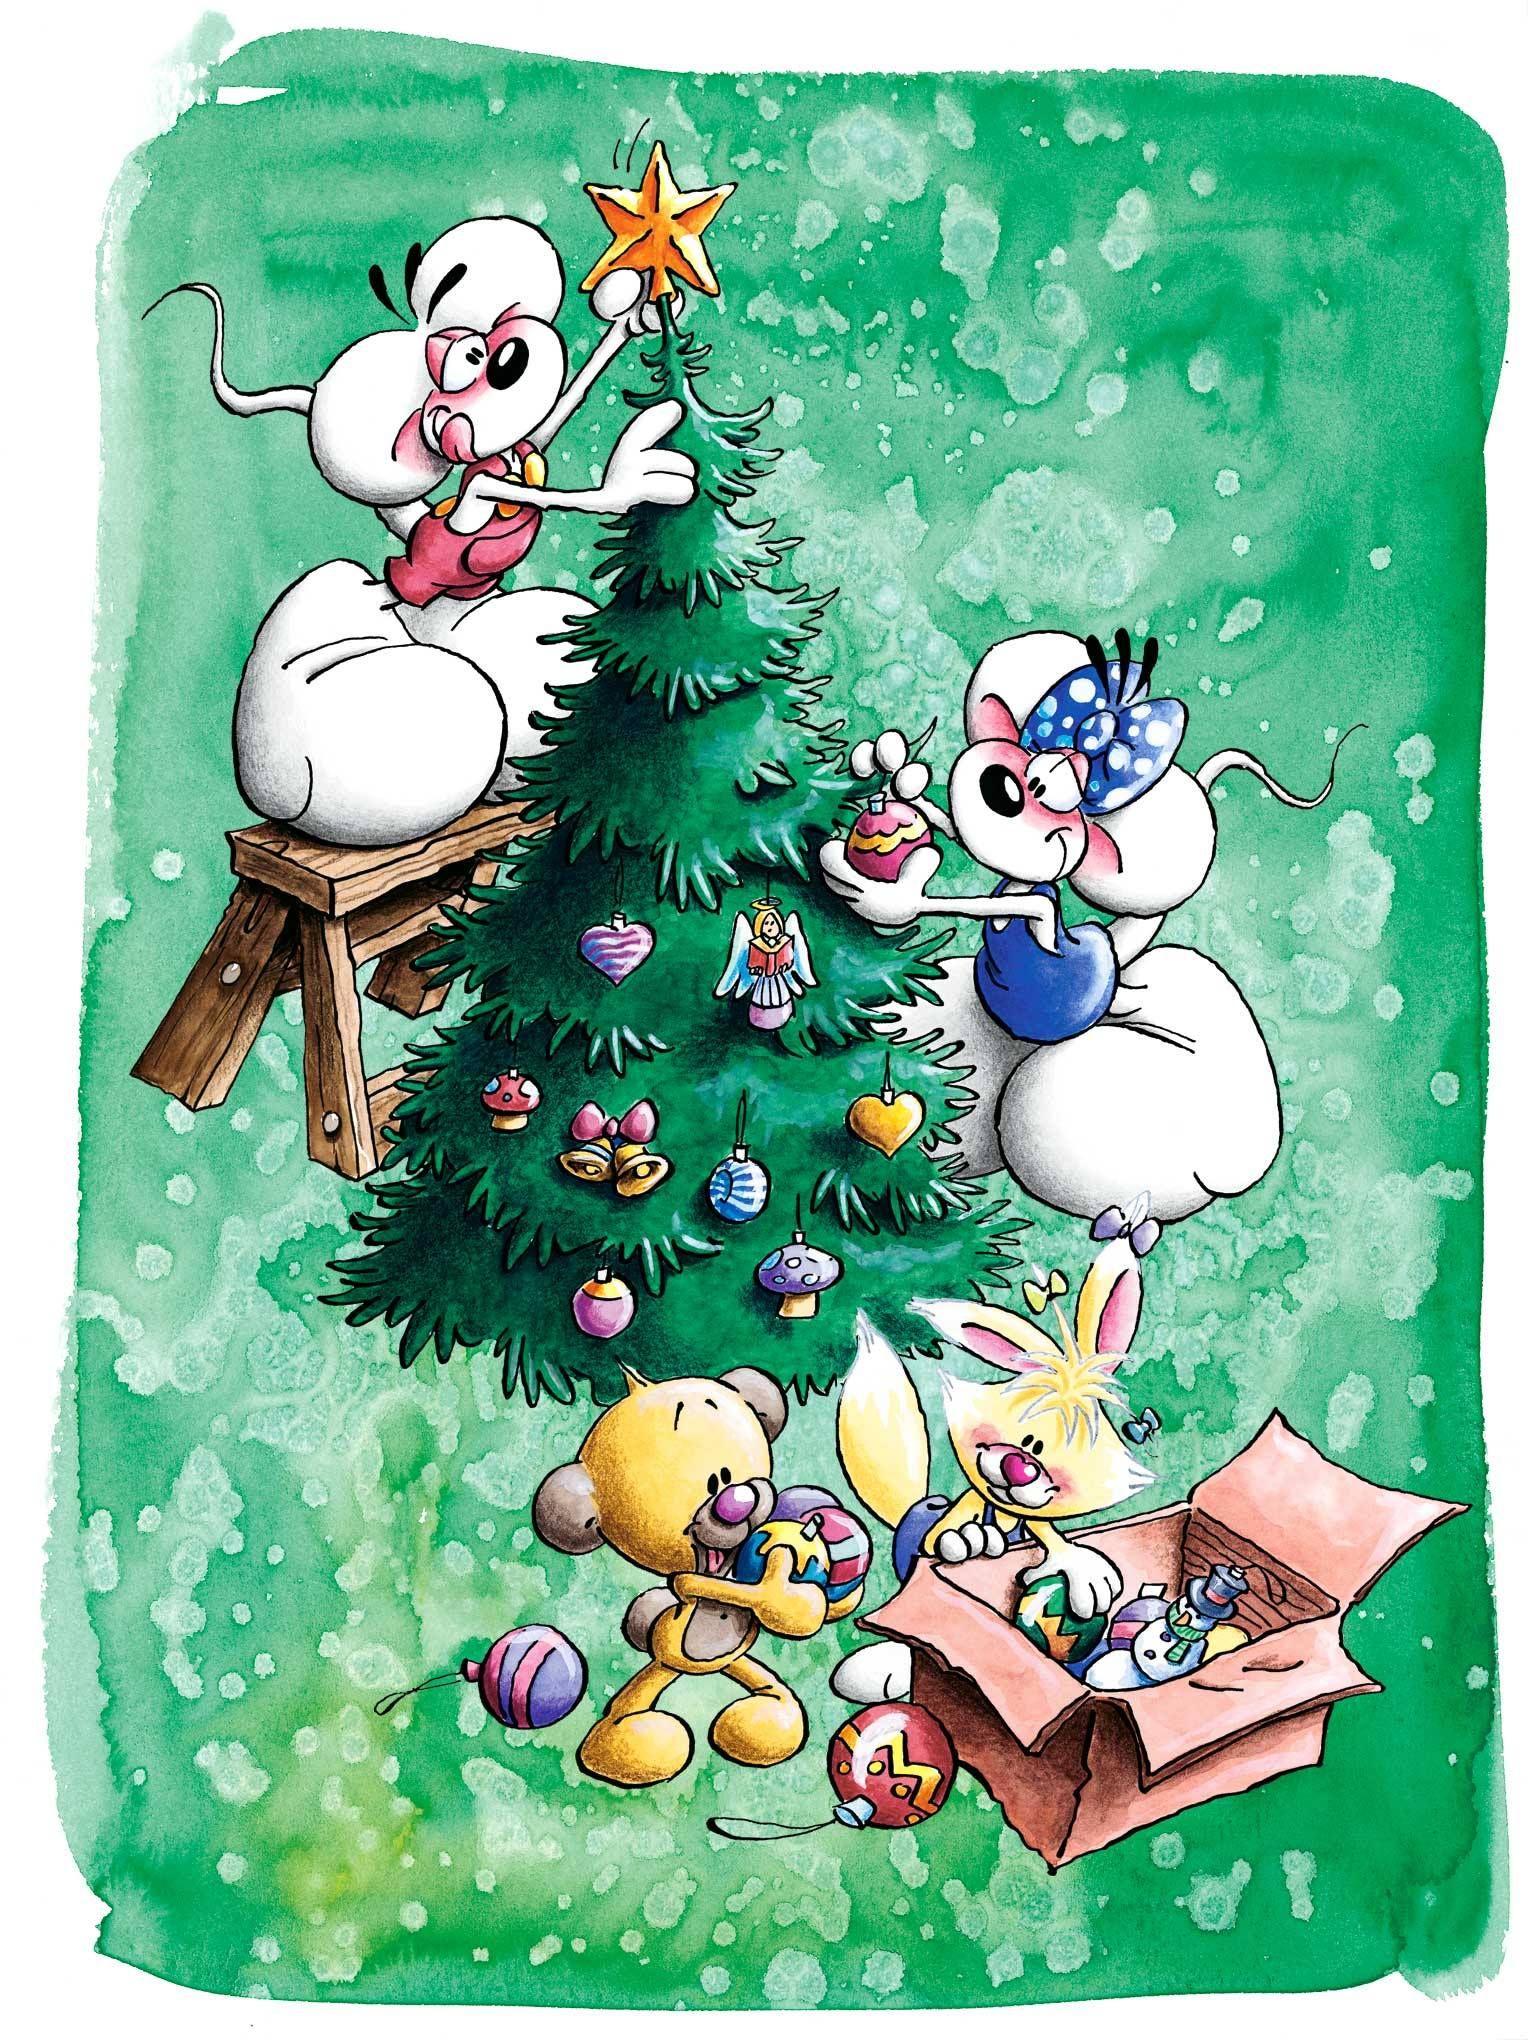 Kerstboom Optuigen Diddl Op Bankje Met Diddlina En Beer En Konijn Kerstmis Kerst Kerstmis Kerstboom